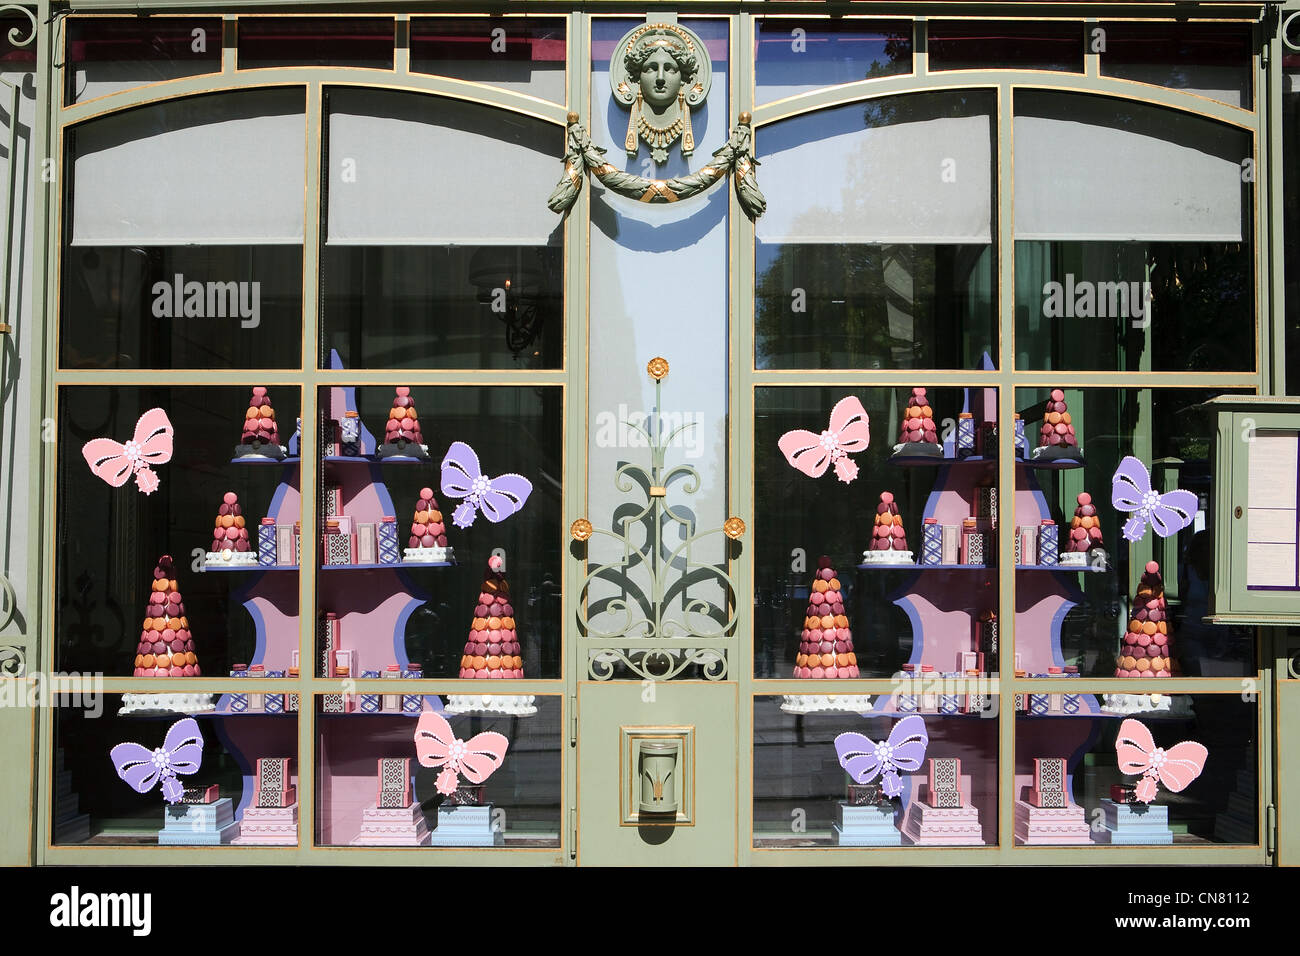 France, Paris, shop window of Laduree tea house on Avenue des Champs Elysees - Stock Image